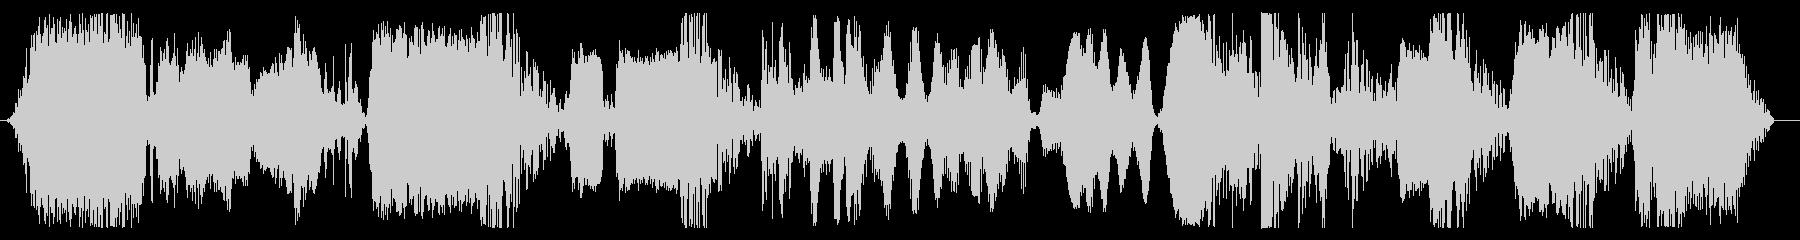 宇宙ロボットの一定の機械的機能応答の未再生の波形